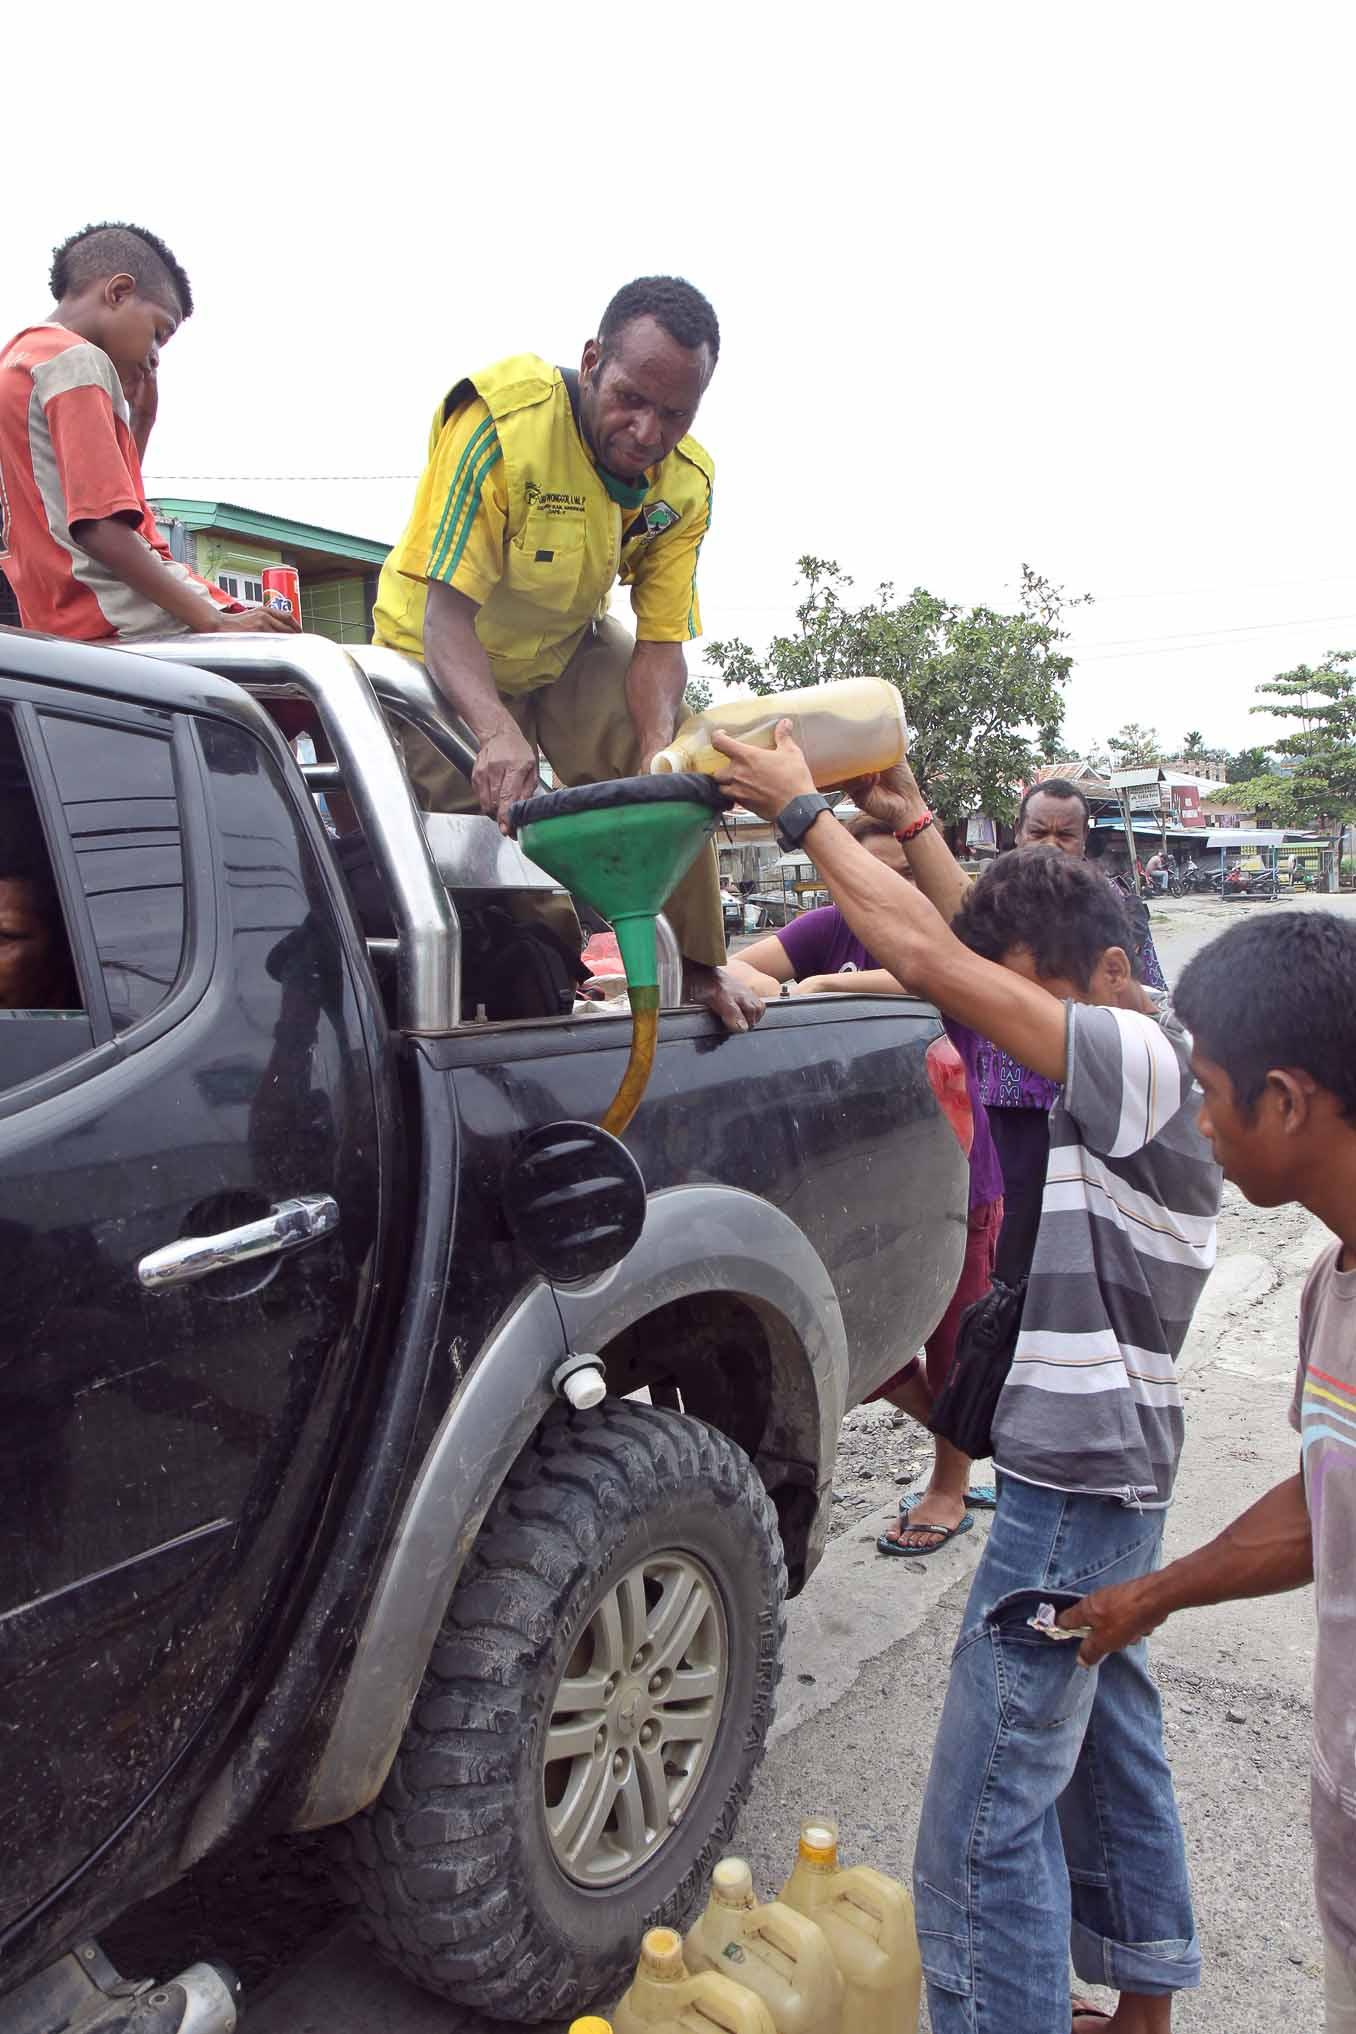 Tankstelle in papua